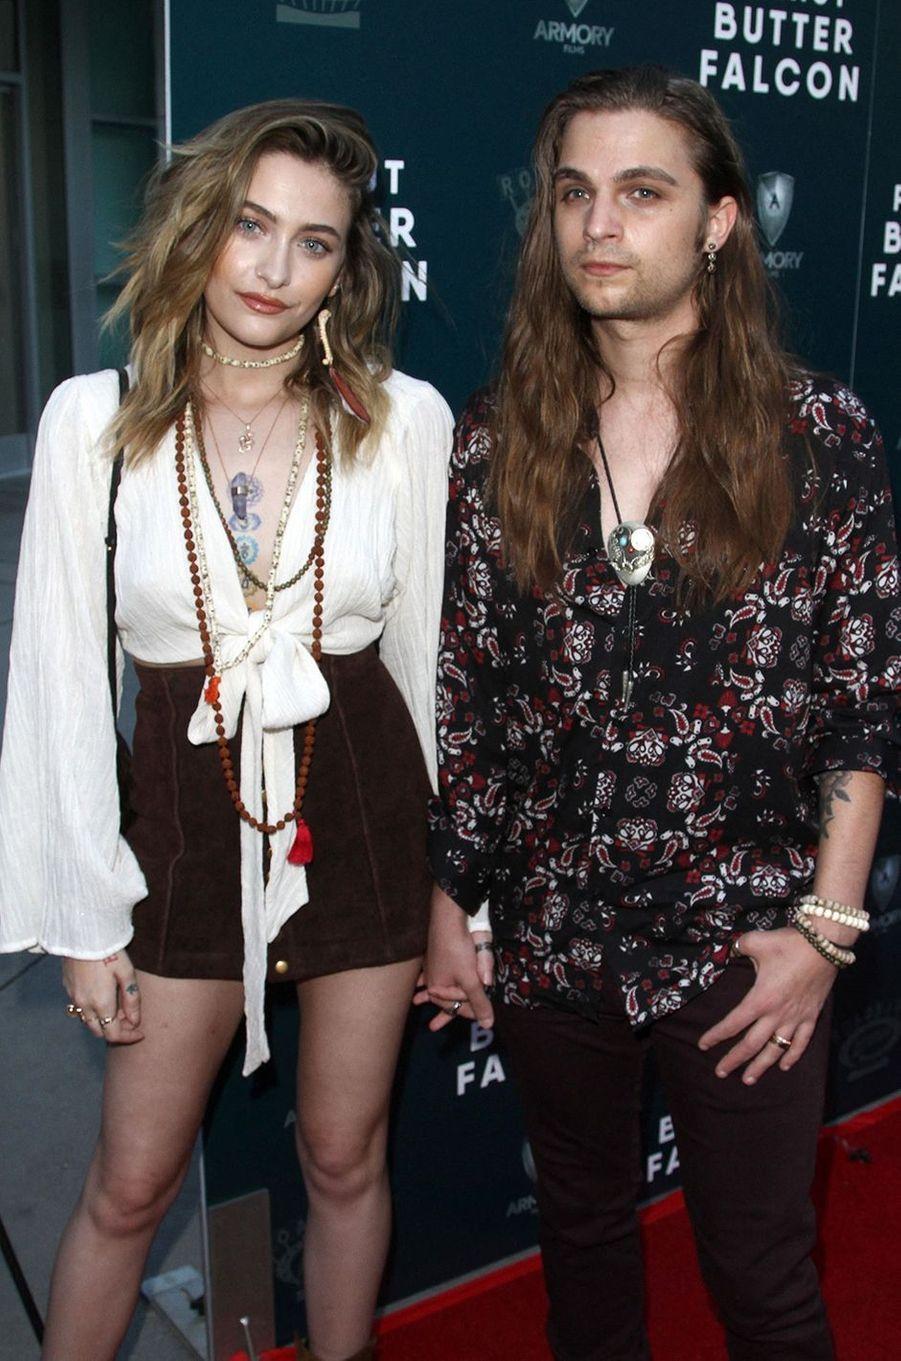 En août 2020, «People» a annoncé la rupture entre Paris Jackson et Gabriel Glenn après plus de deux ans de relation.